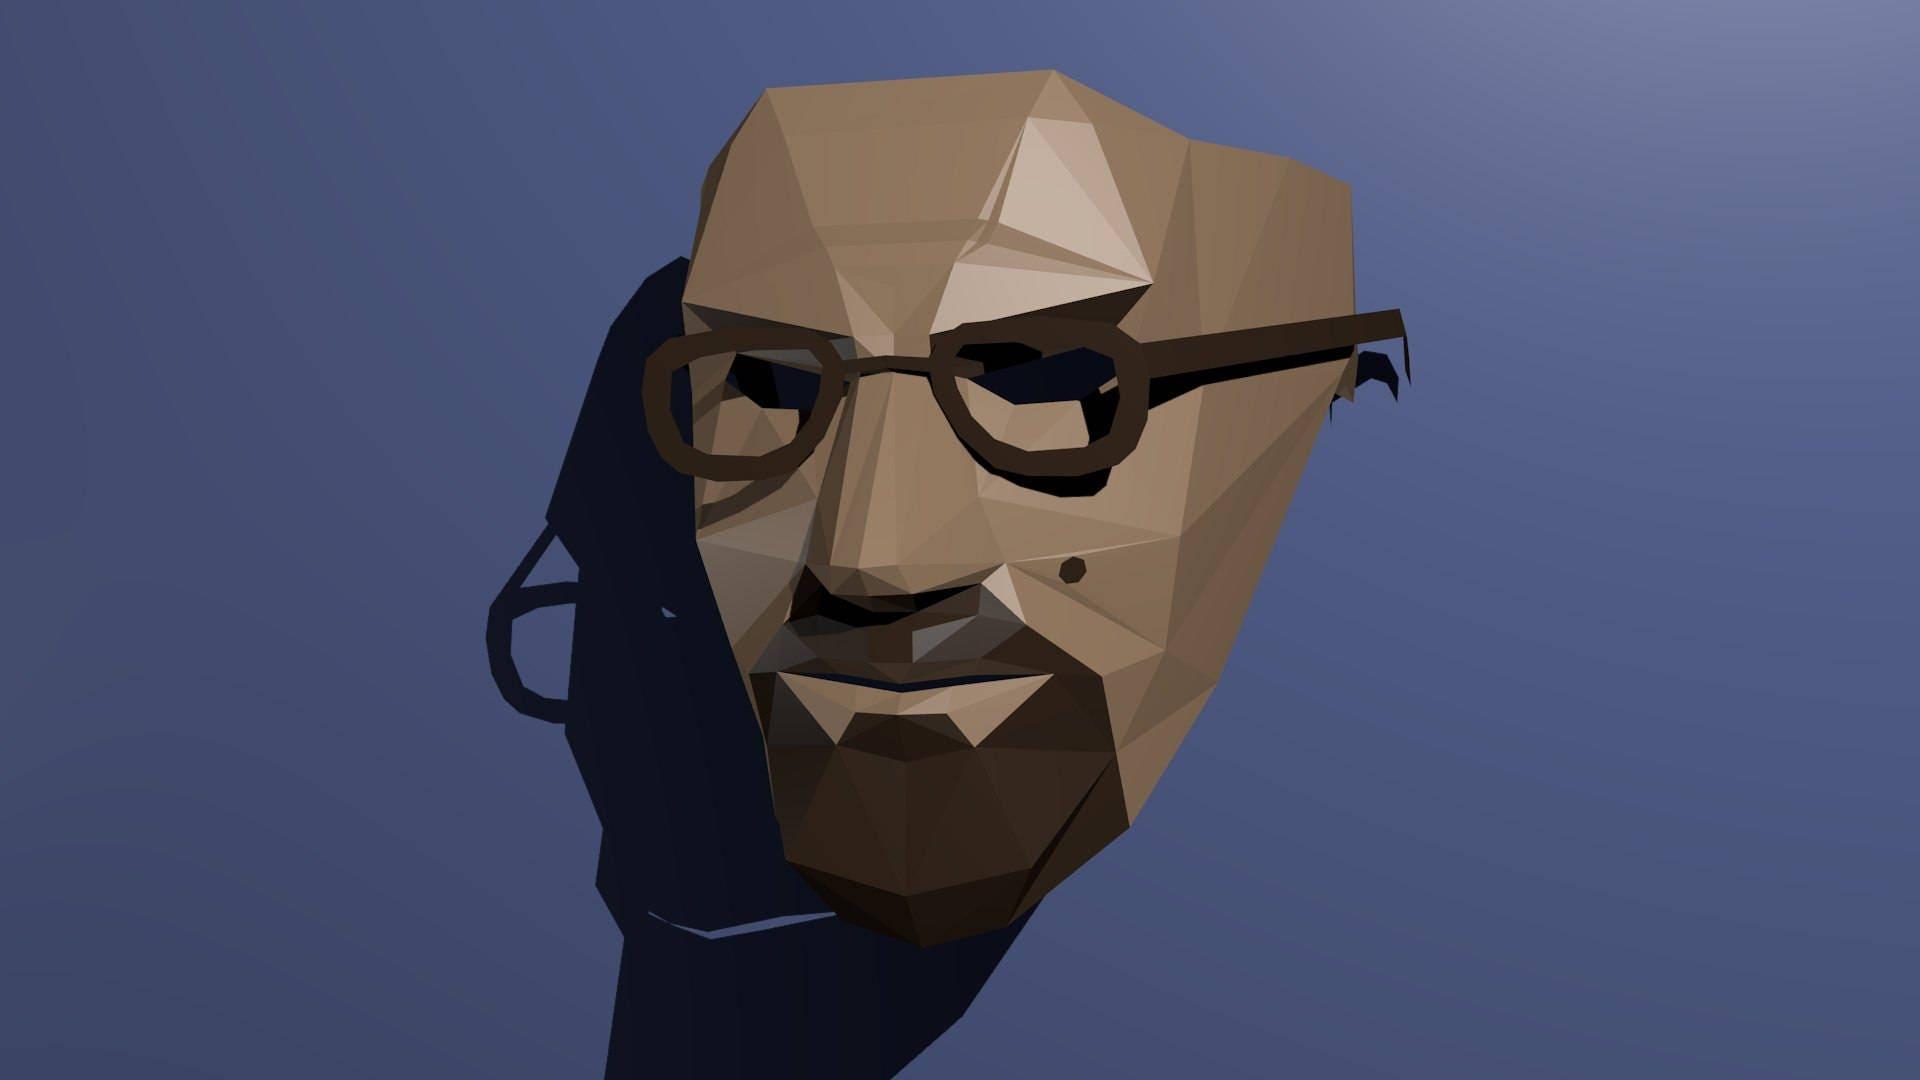 Heisenberg mask (Walter White,